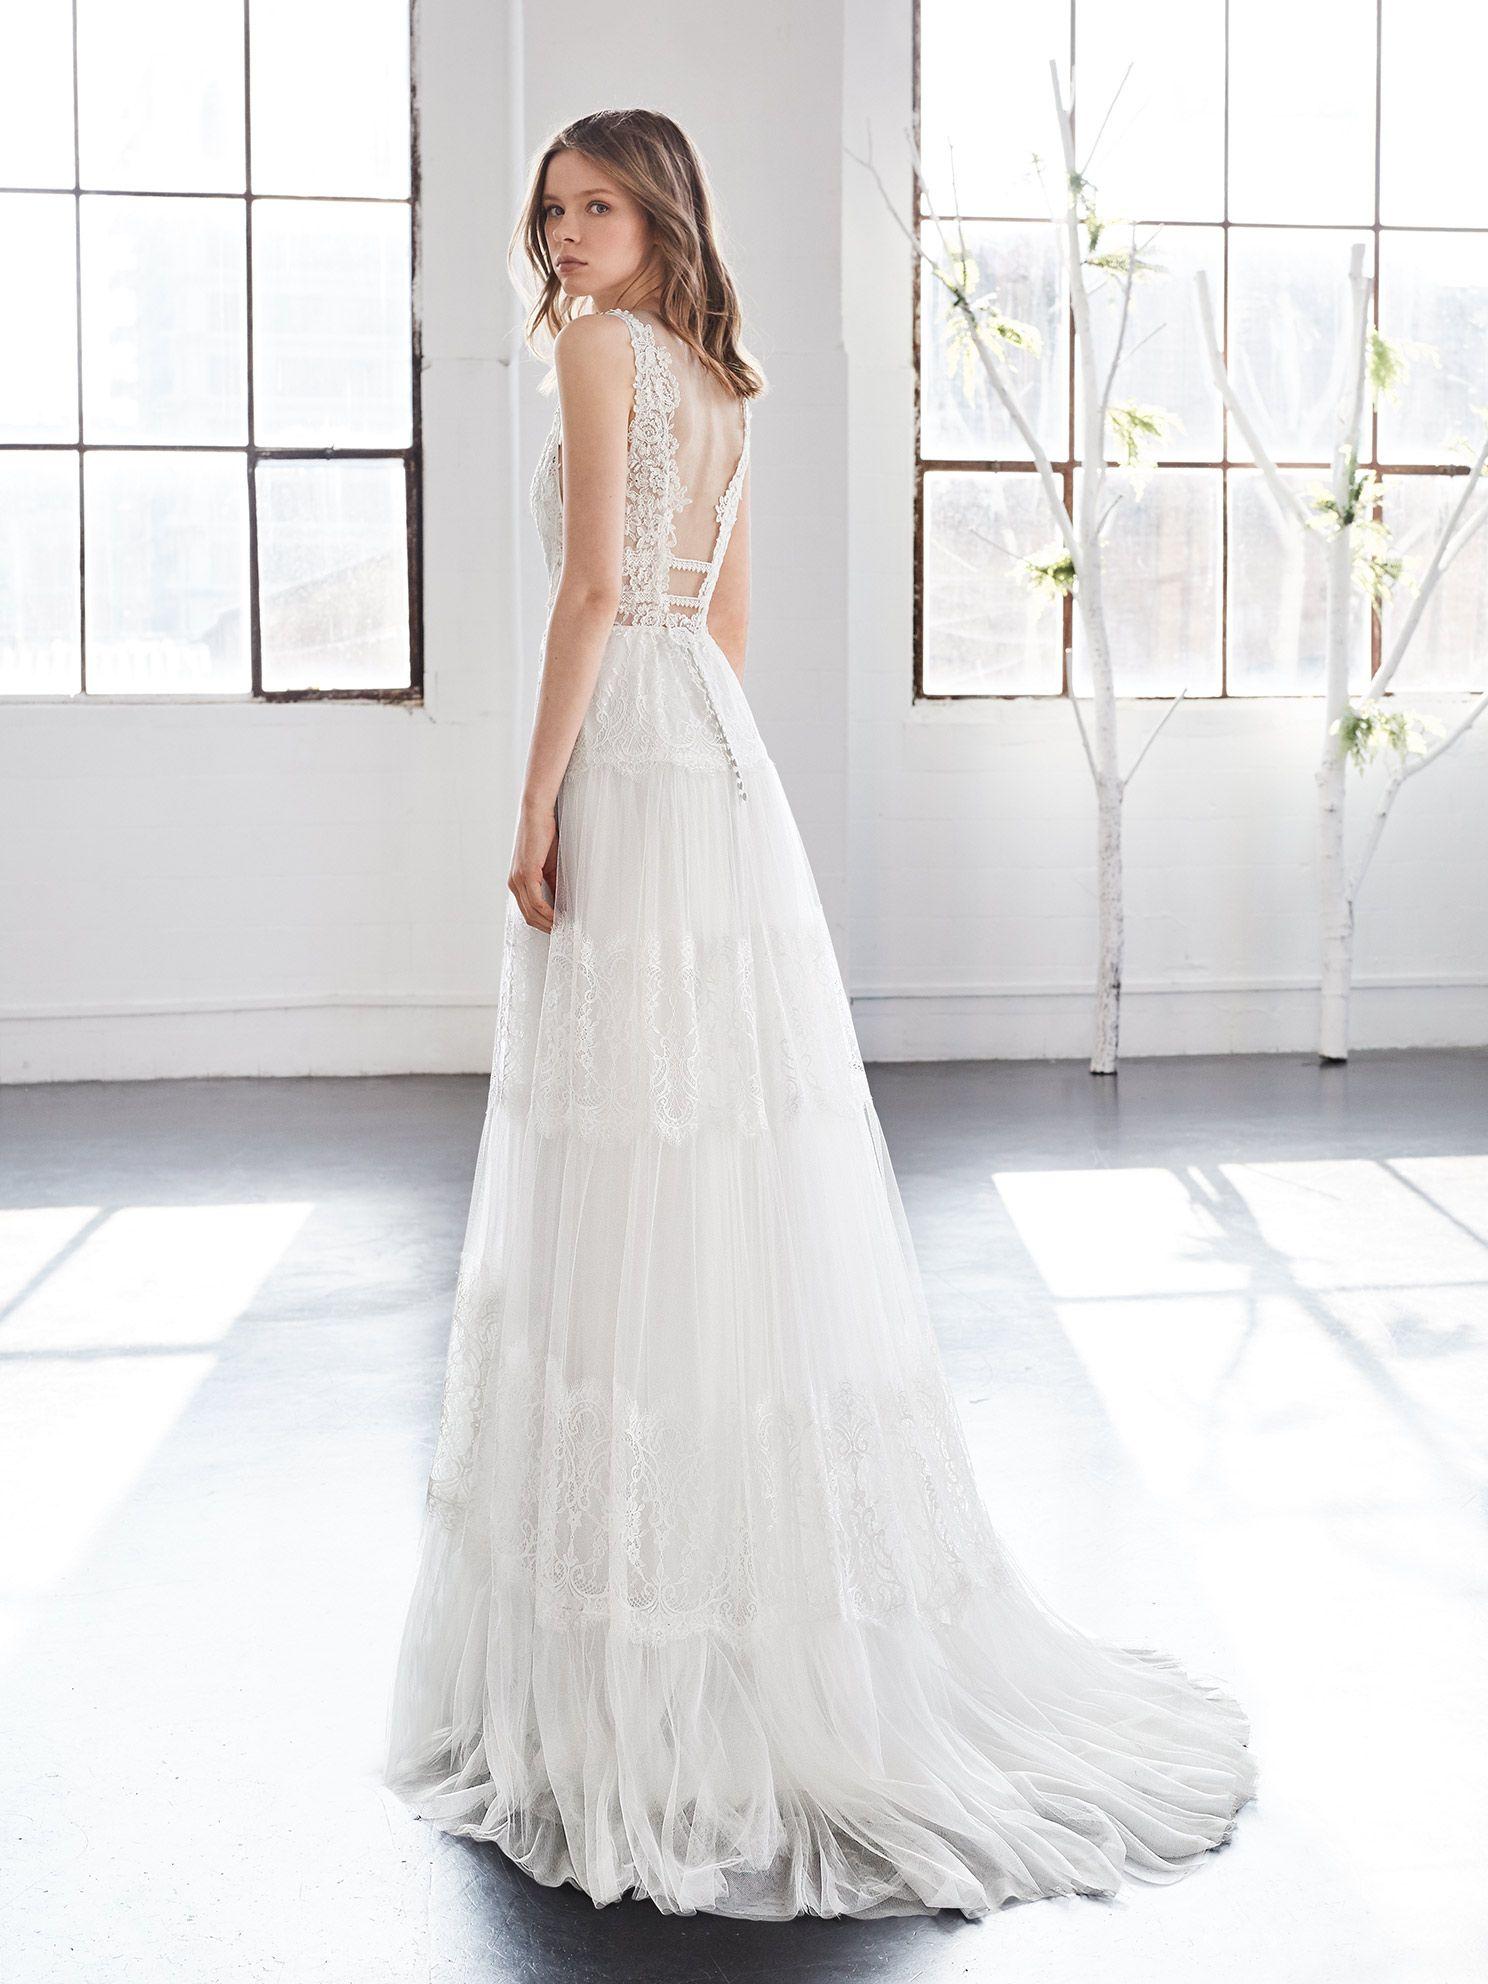 2fffa2a1d Vestidos de novia. Colección Inmaculada García. Novias Rivoli - Logroño.  Detalle transparencias en la espalda con bordado en chantilly.